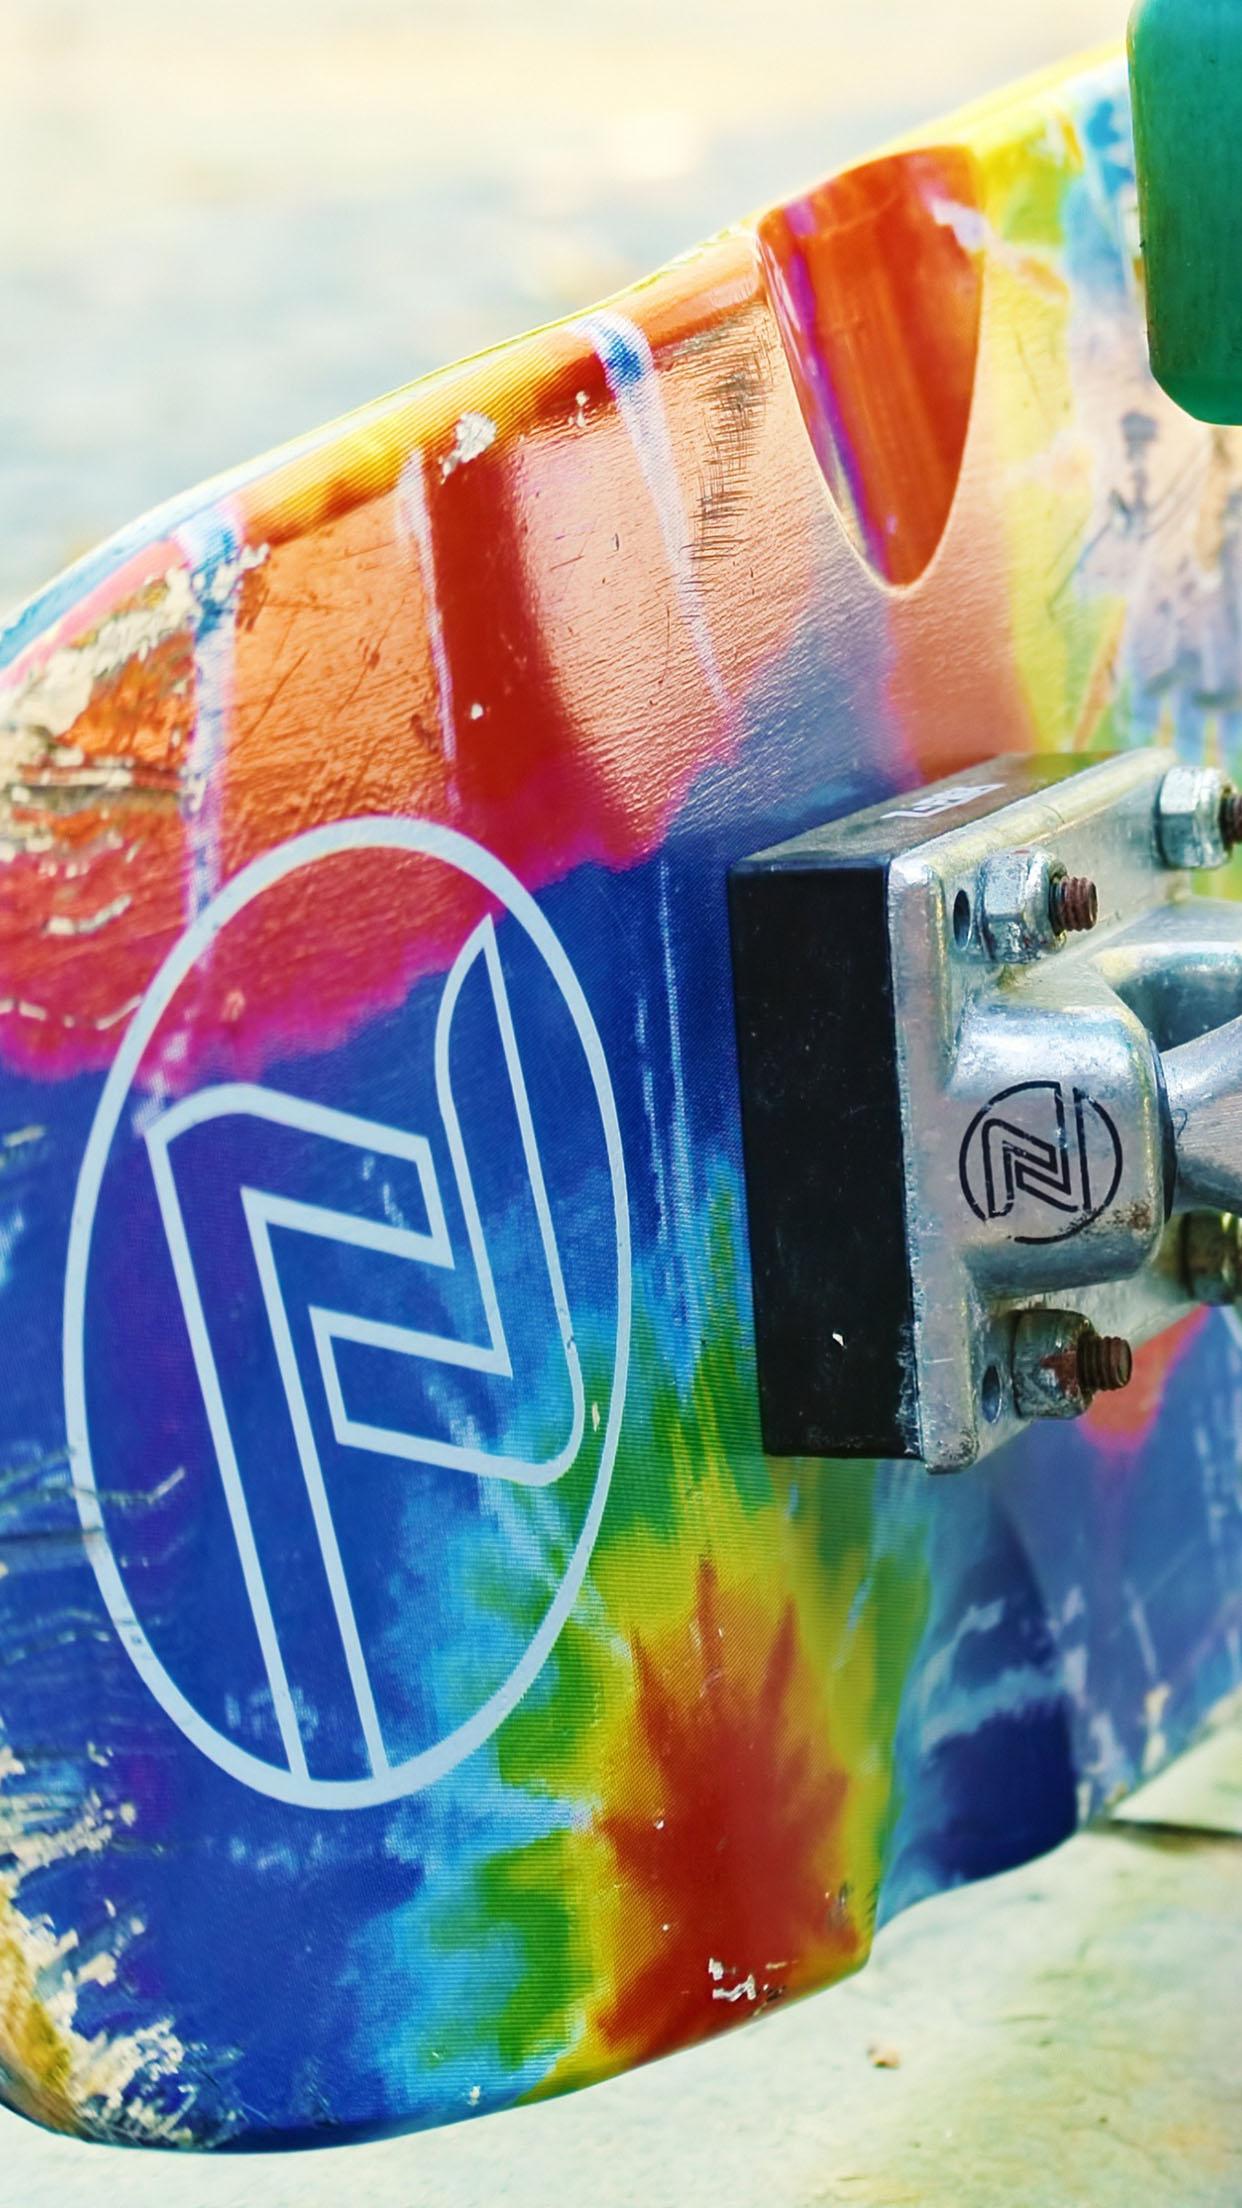 Skateboard Z flex 3Wallpapers iPhone Parallax Skateboard: Z flex